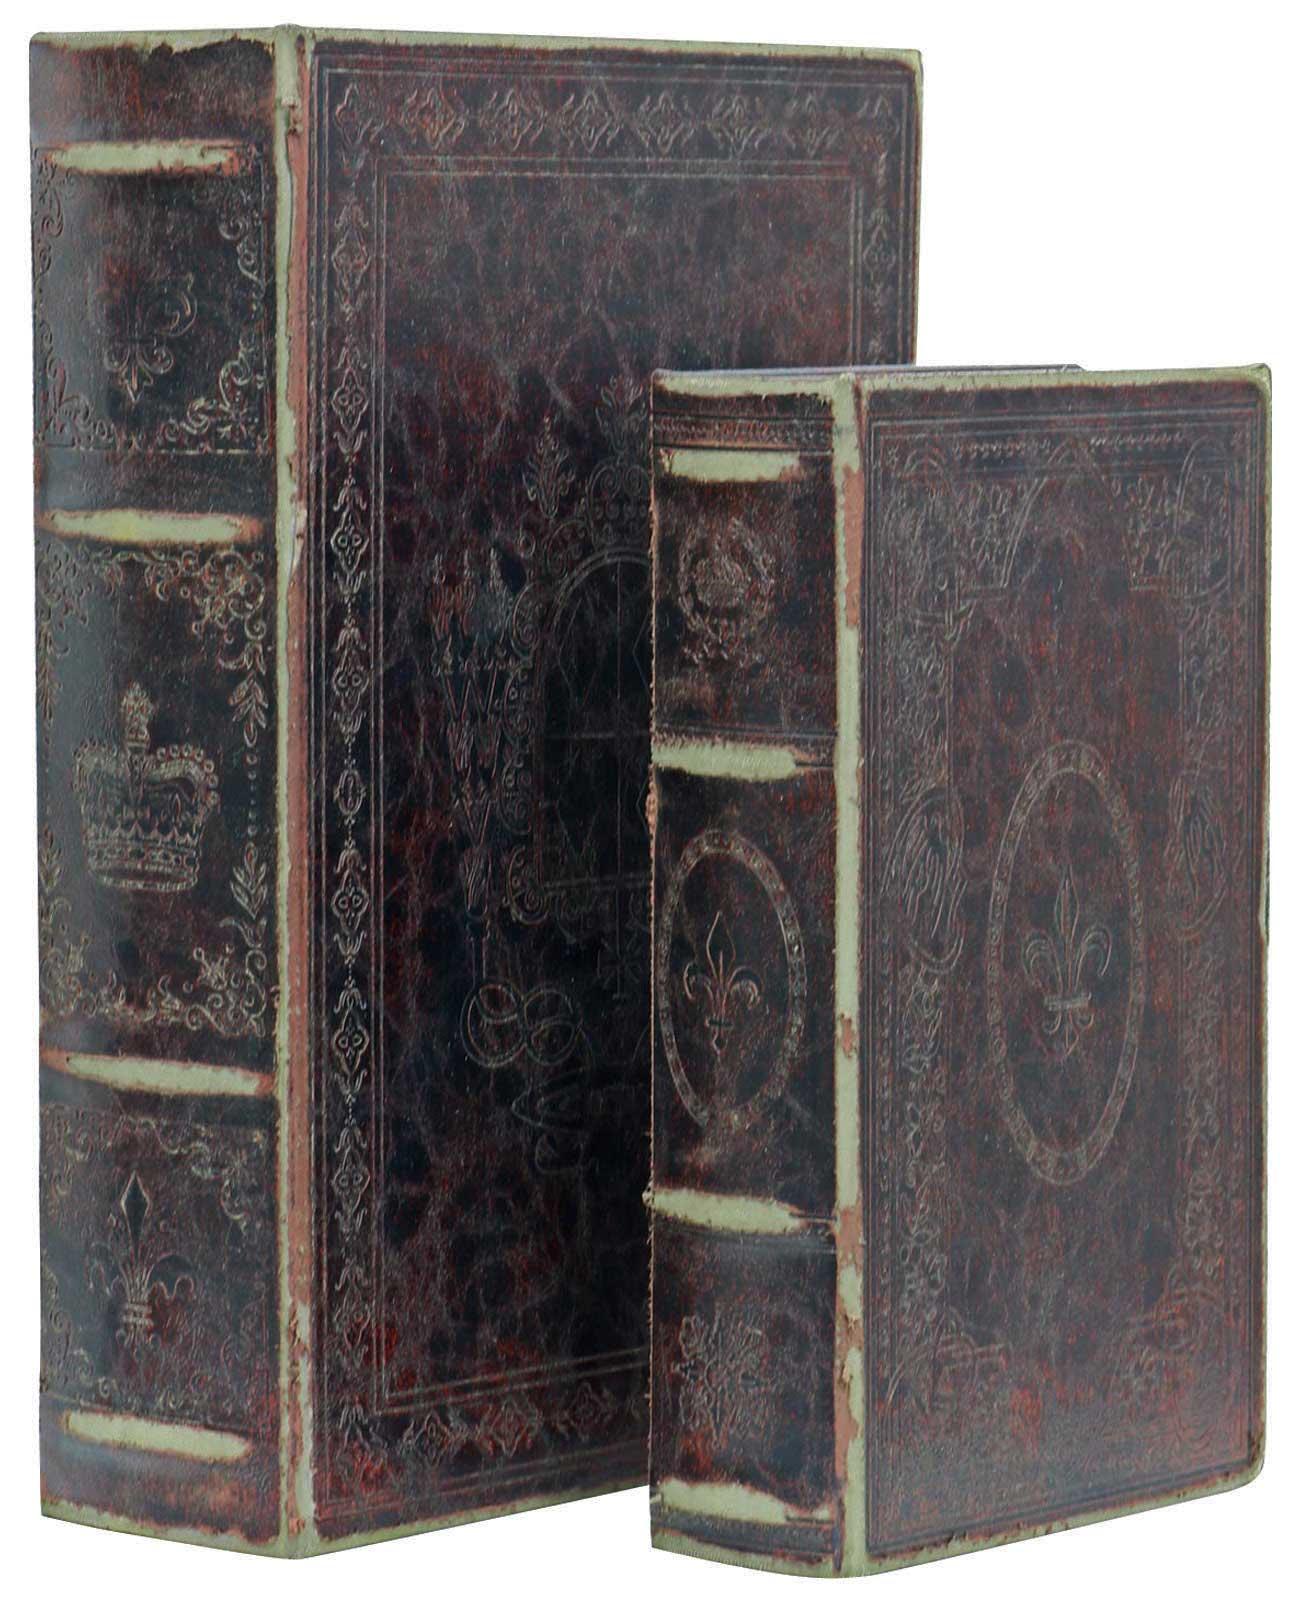 Buchtresor Buchsafe Buchattrappe Geheimversteck Geheimsafe Box Buch d